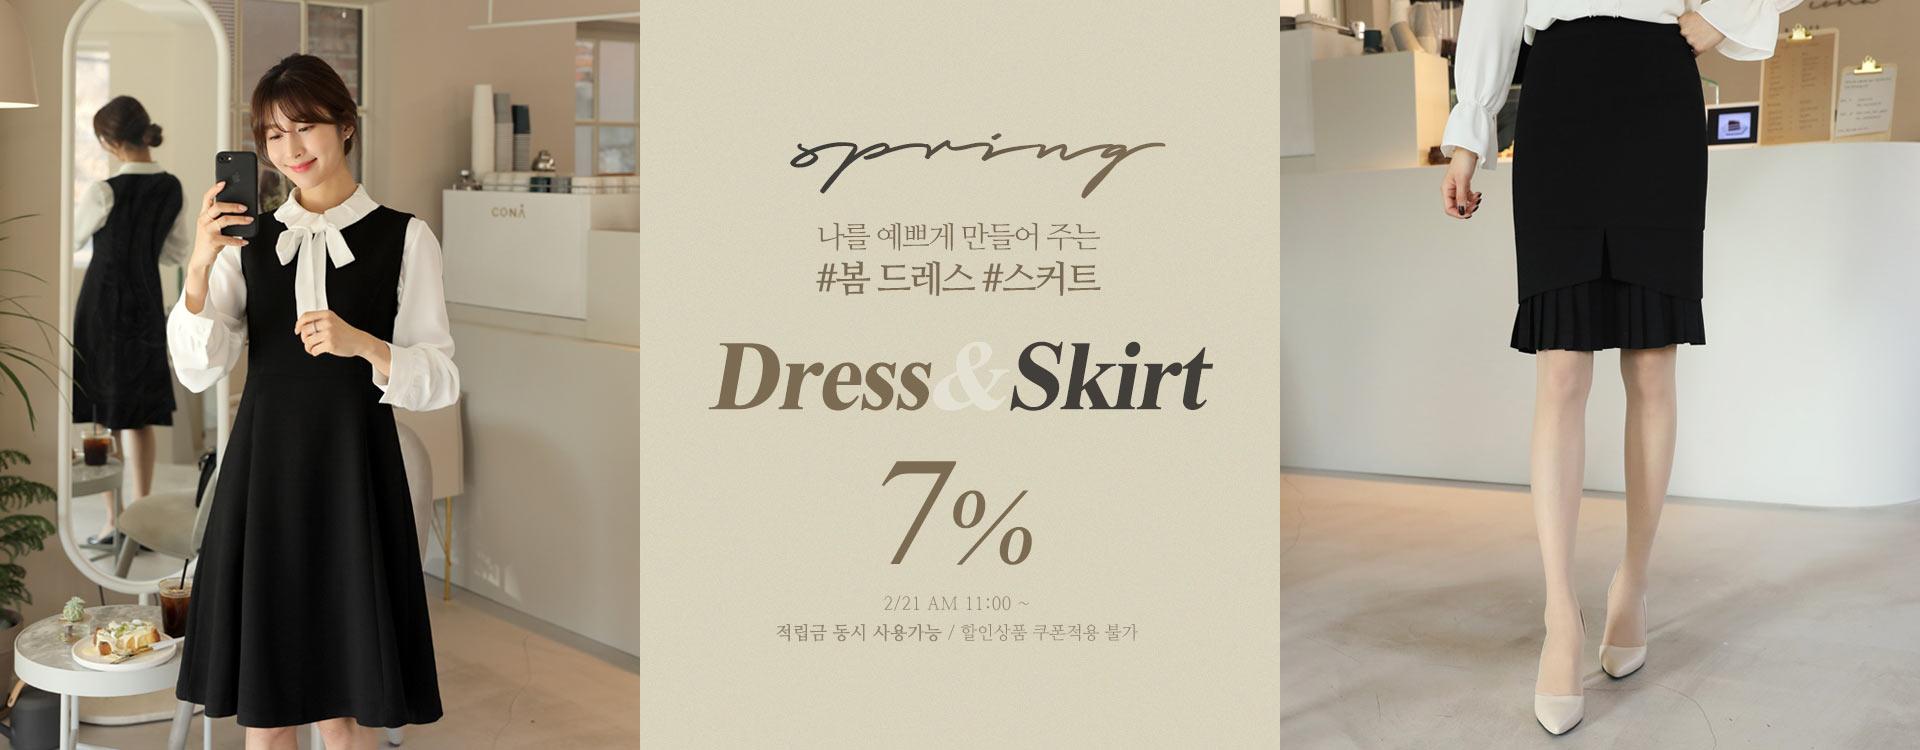 드레스_스커트 7%